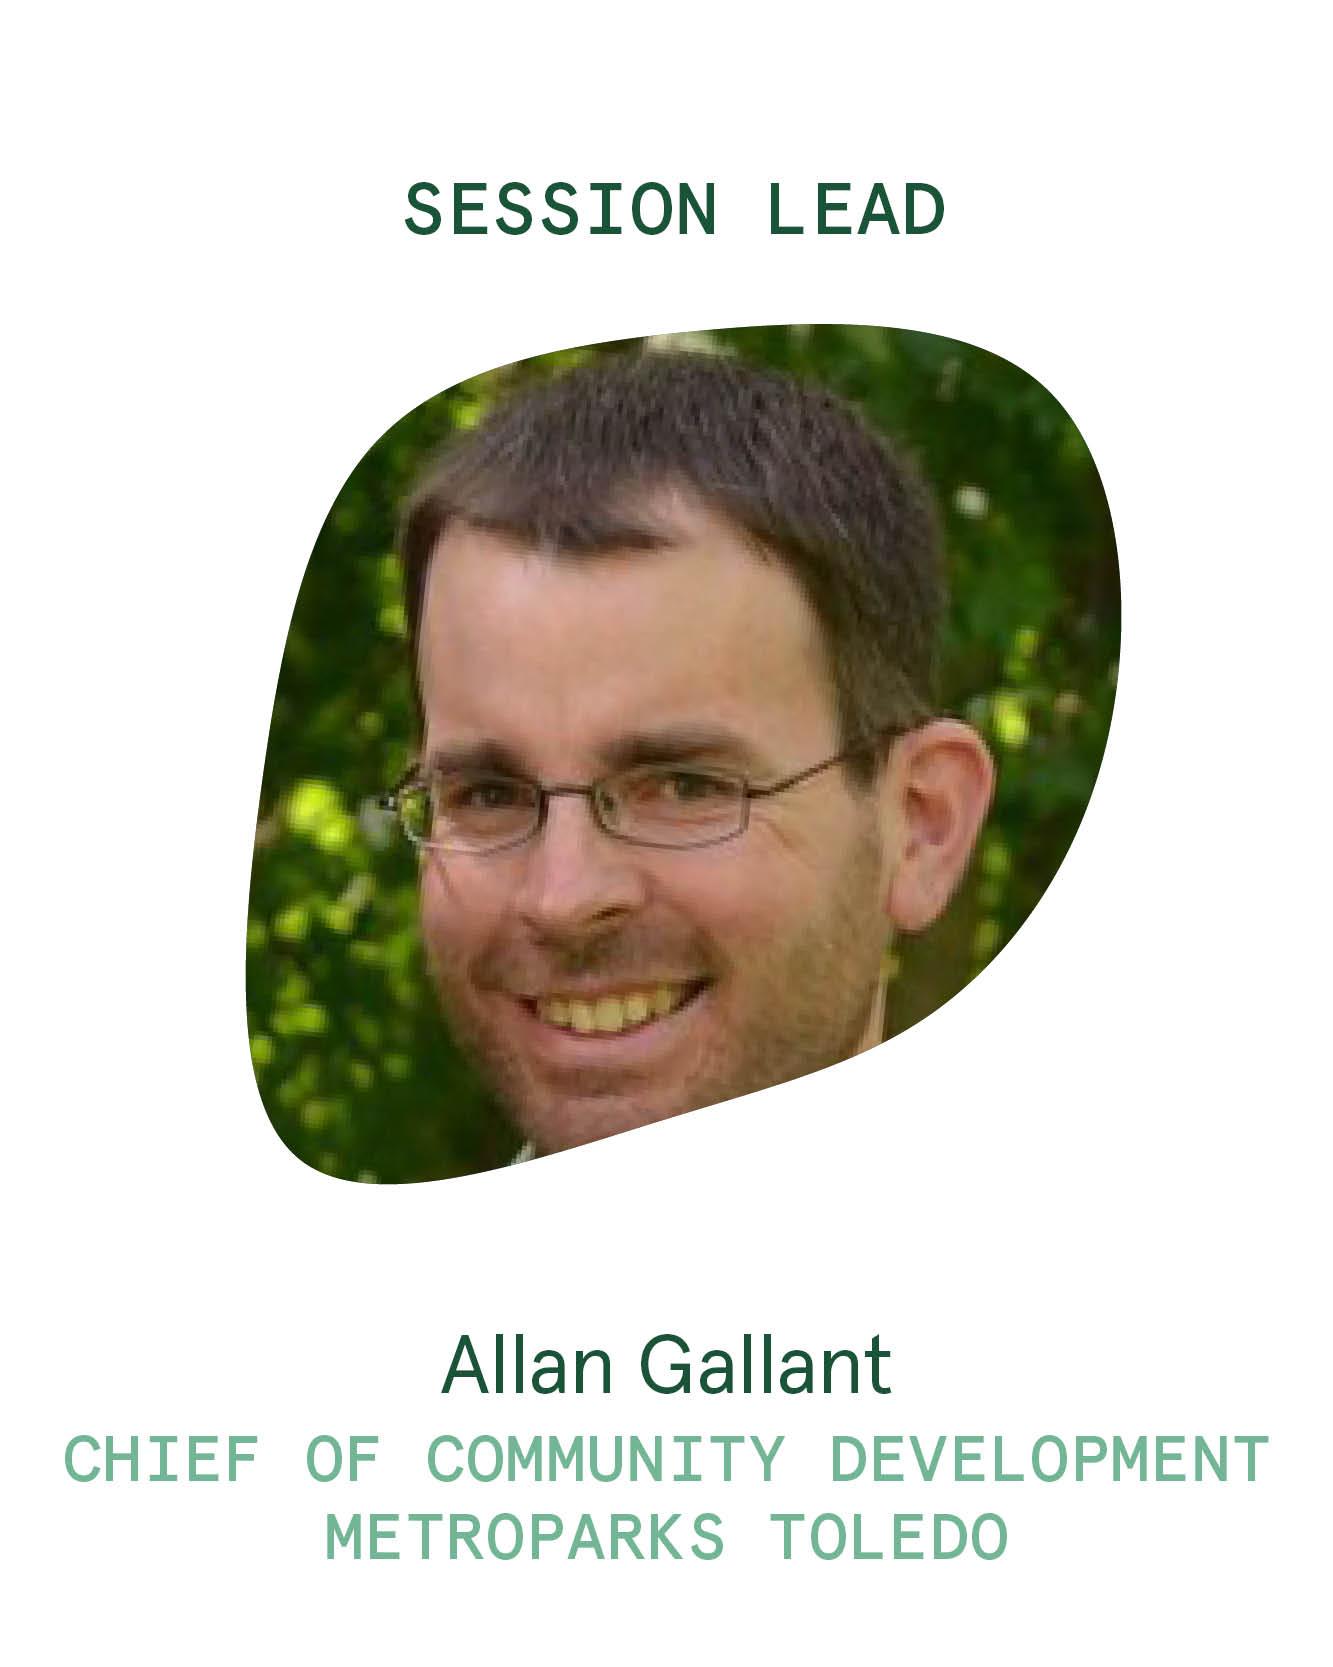 Session Lead_Allan Gallant